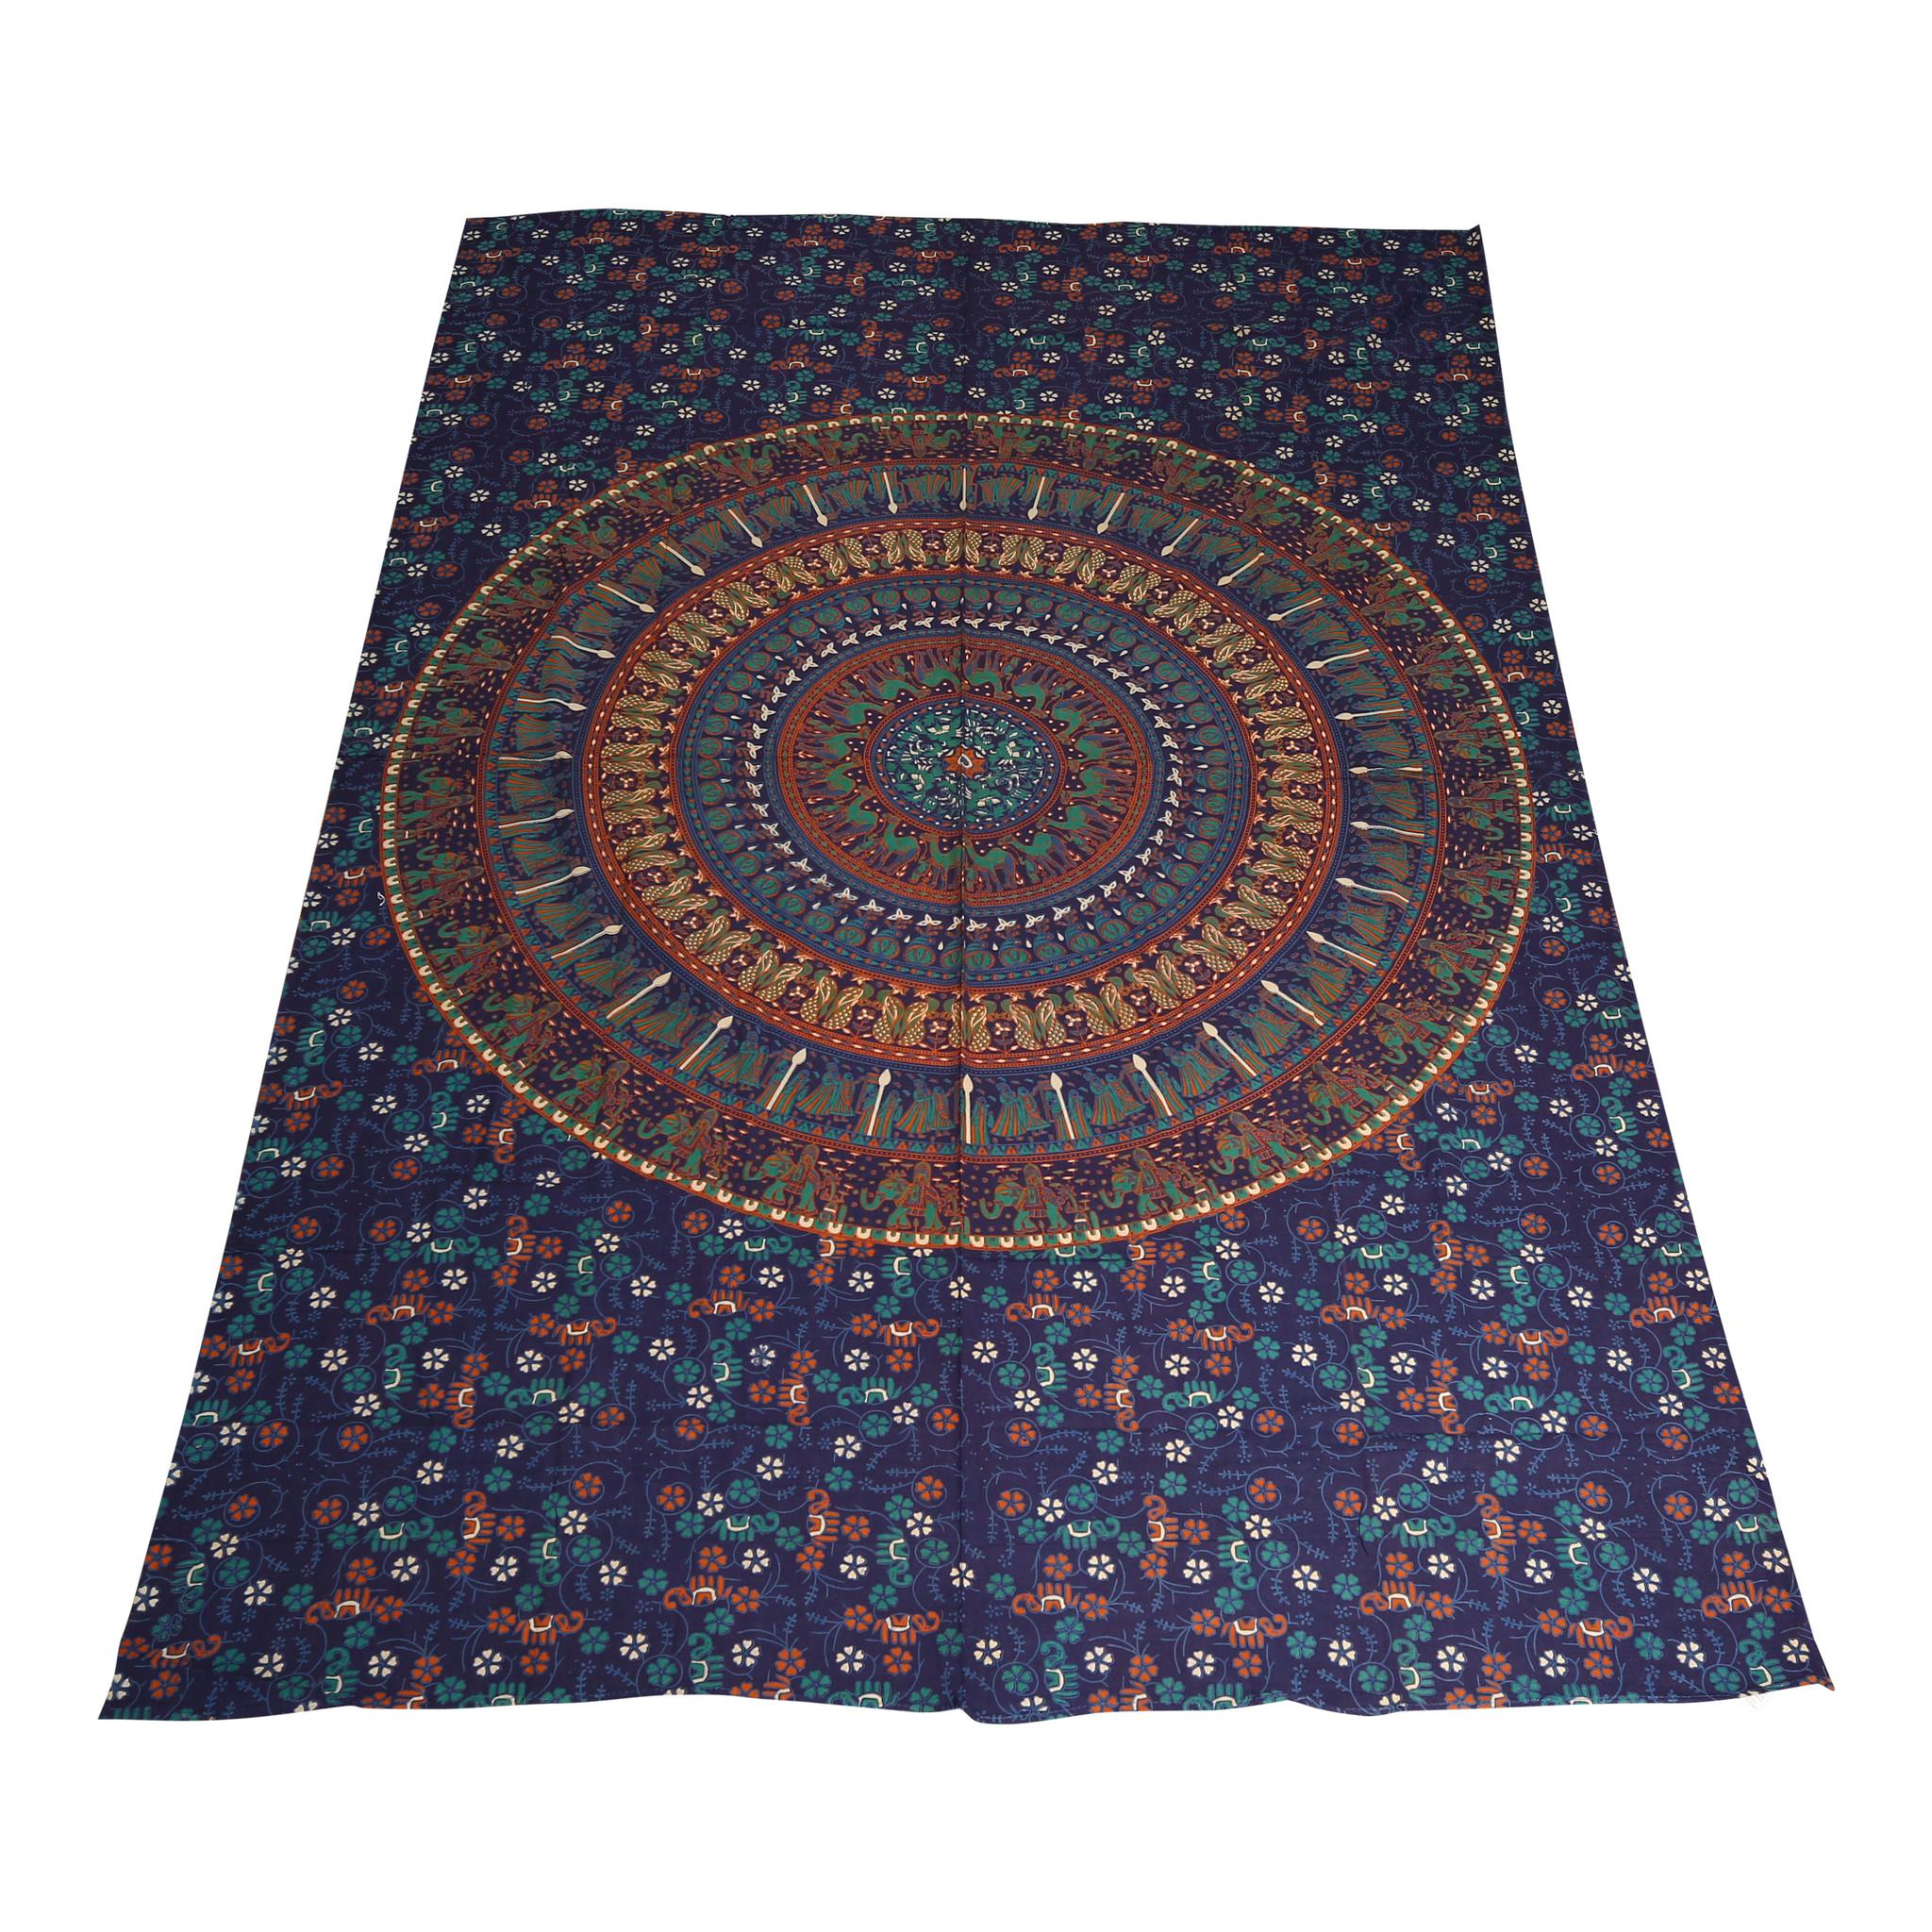 Myroundie Myroundie – roundie  - rechthoekig strandlaken – strandkleed - yoga kleed - picknickkleed - speelkleed - muurkleed - 100% katoen  - 140 x 210 cm - 834